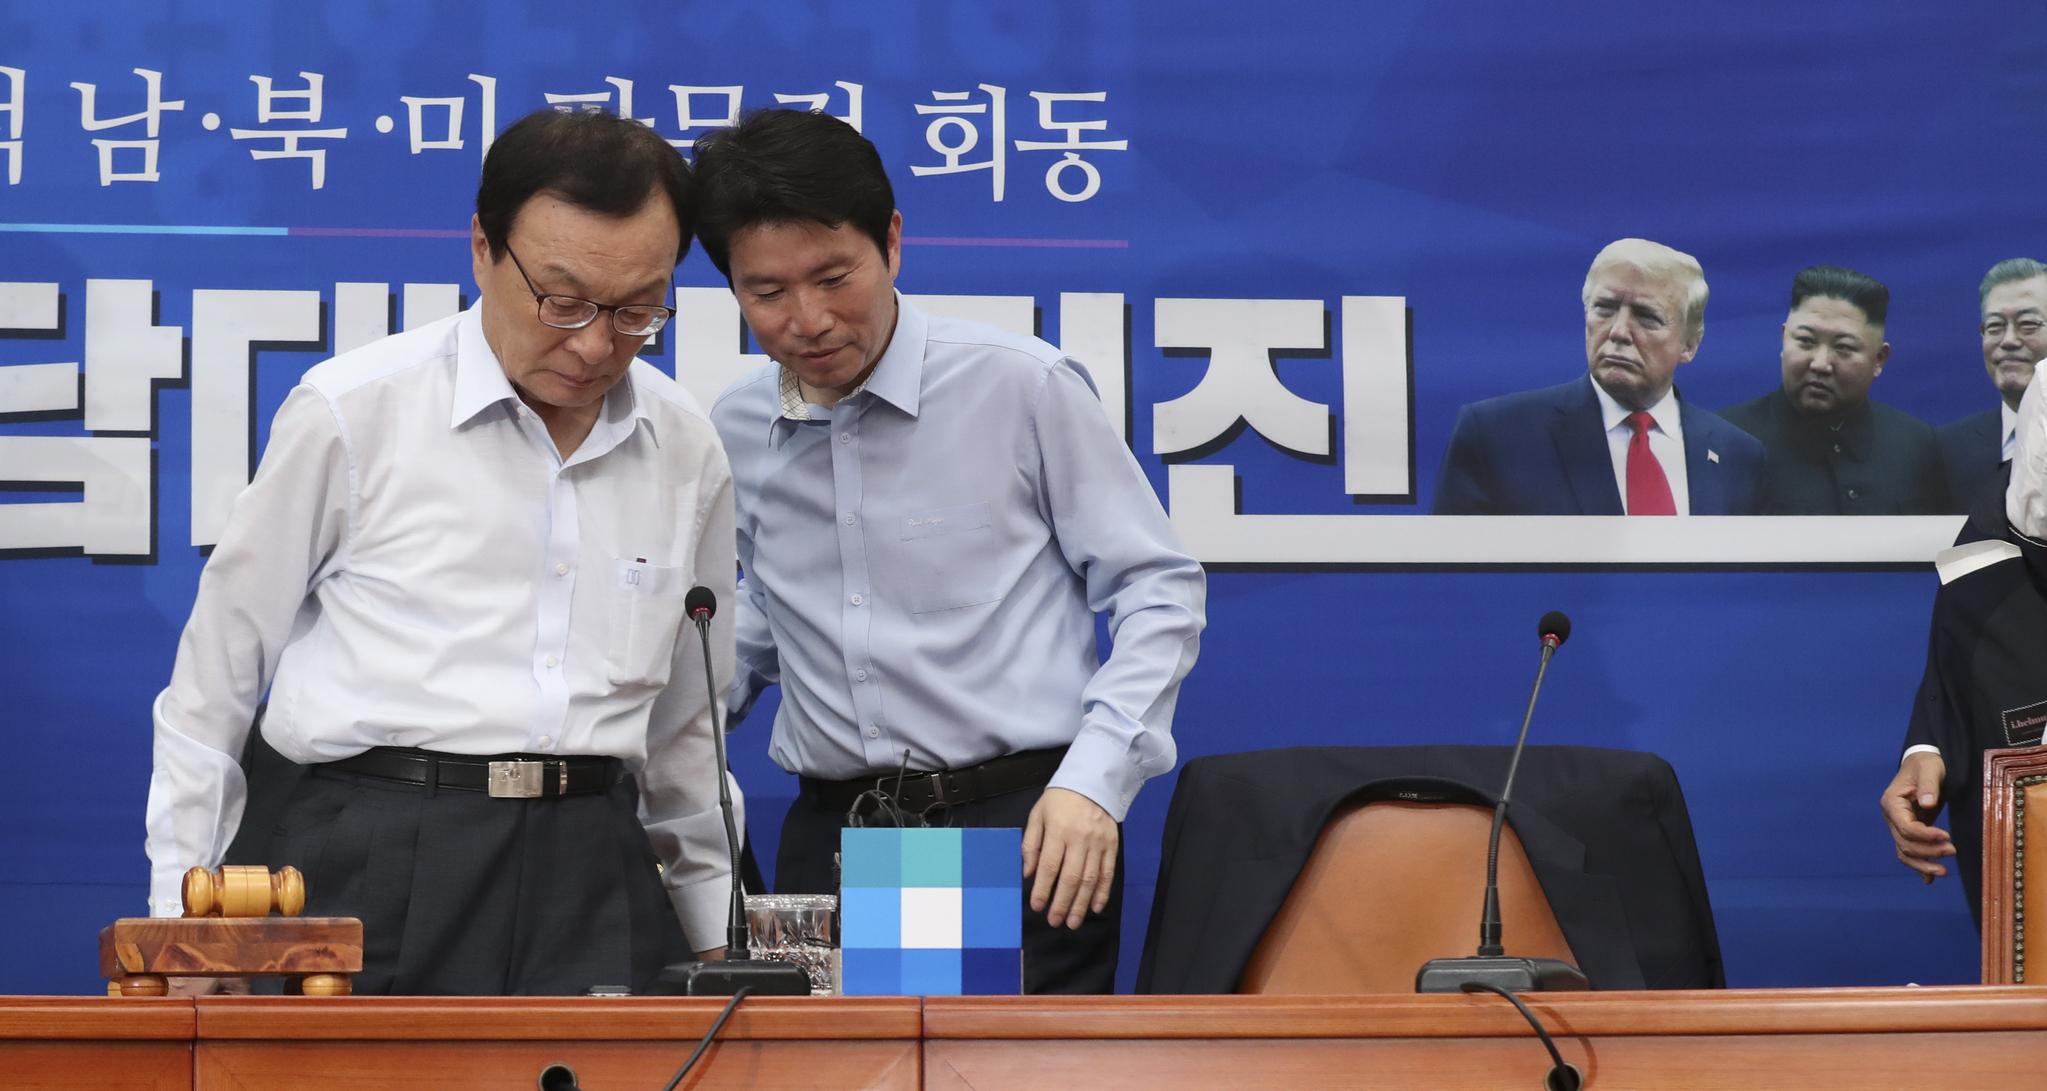 이해찬 대표(왼쪽)와 이인영 원내대표가 회의에 참석해 웃옷을 벗은 뒤 자리에 앉고 있다. 임현동 기자